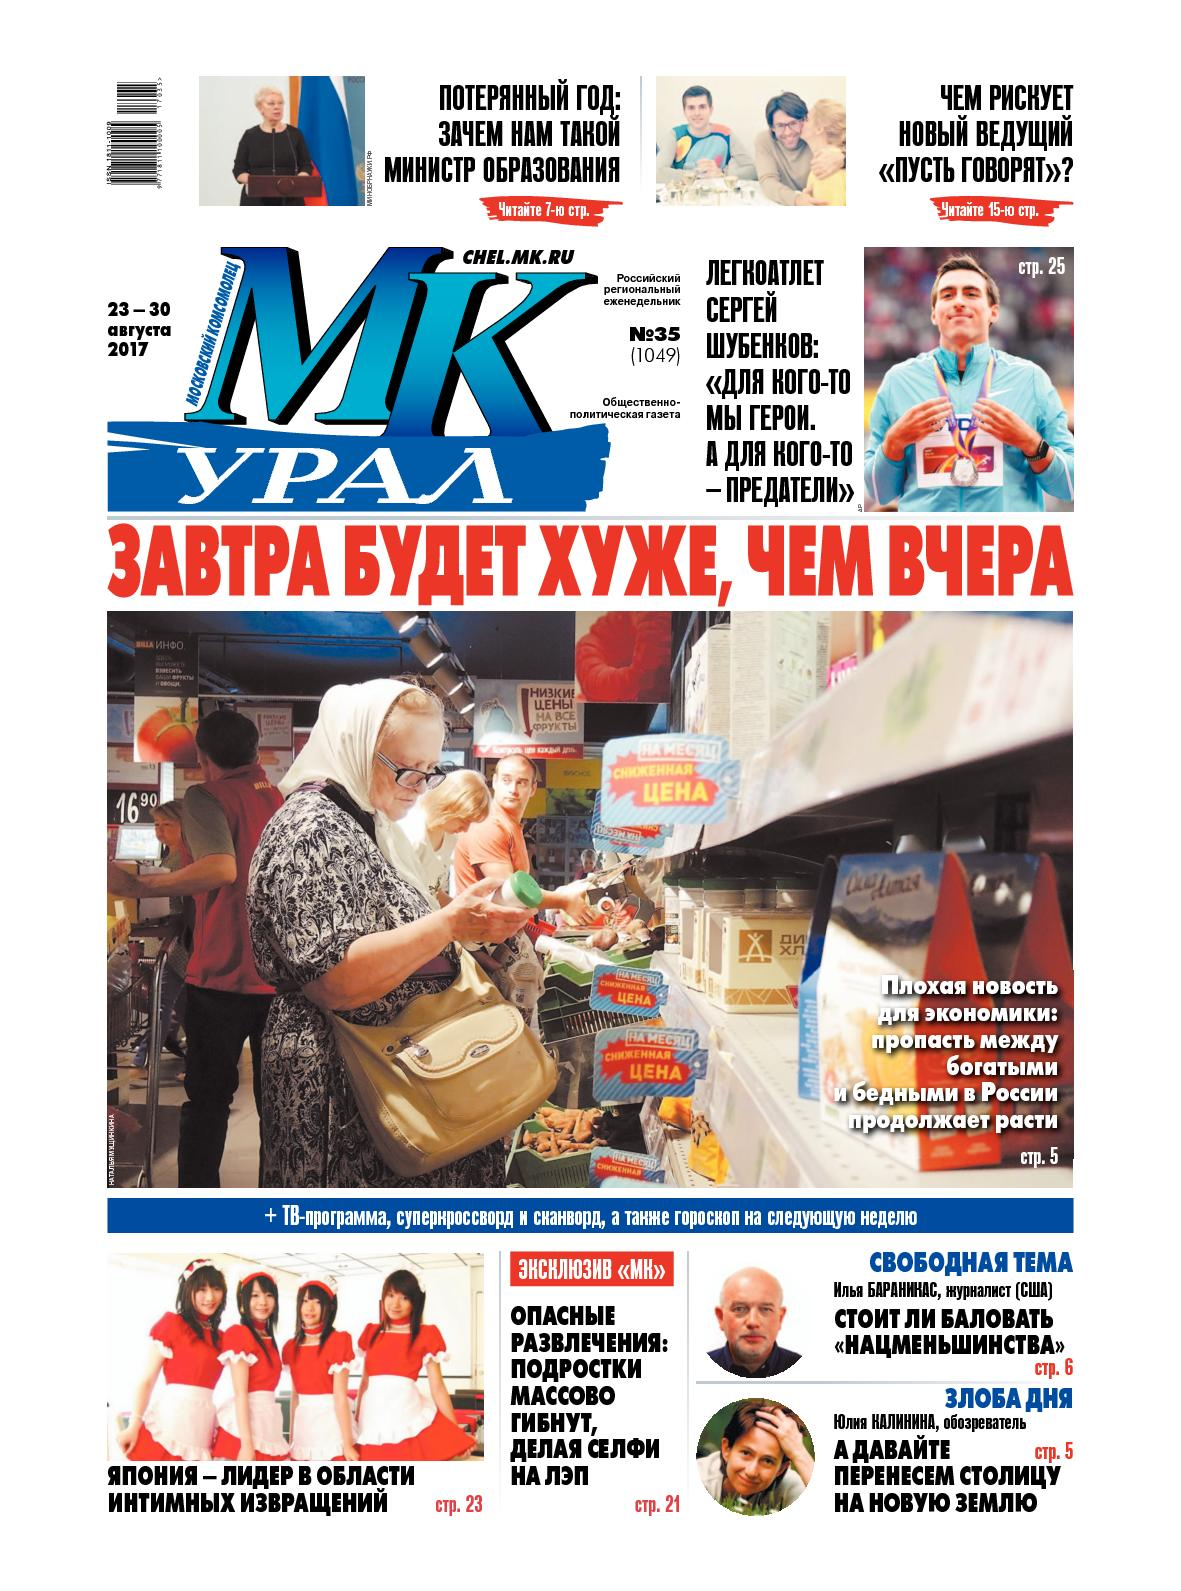 Западные СМИ пугают футбольных болельщиков странными законами России перед ЧМ-2018 советуем